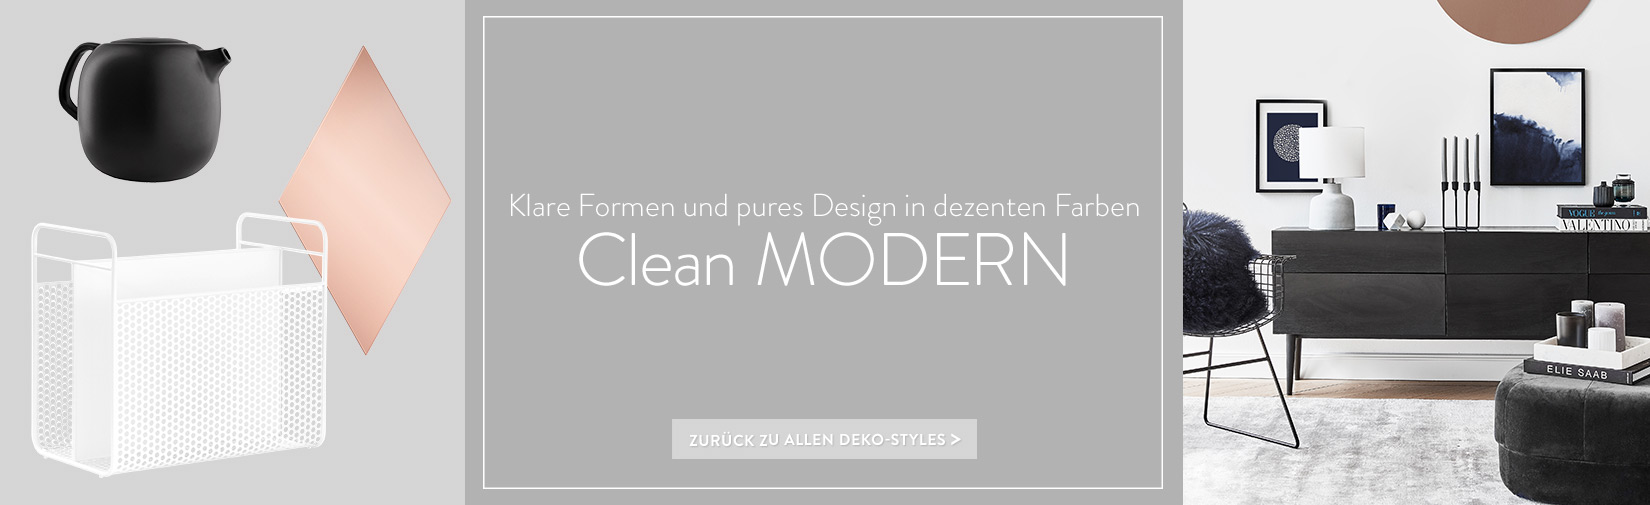 LP_Modern_Desktop